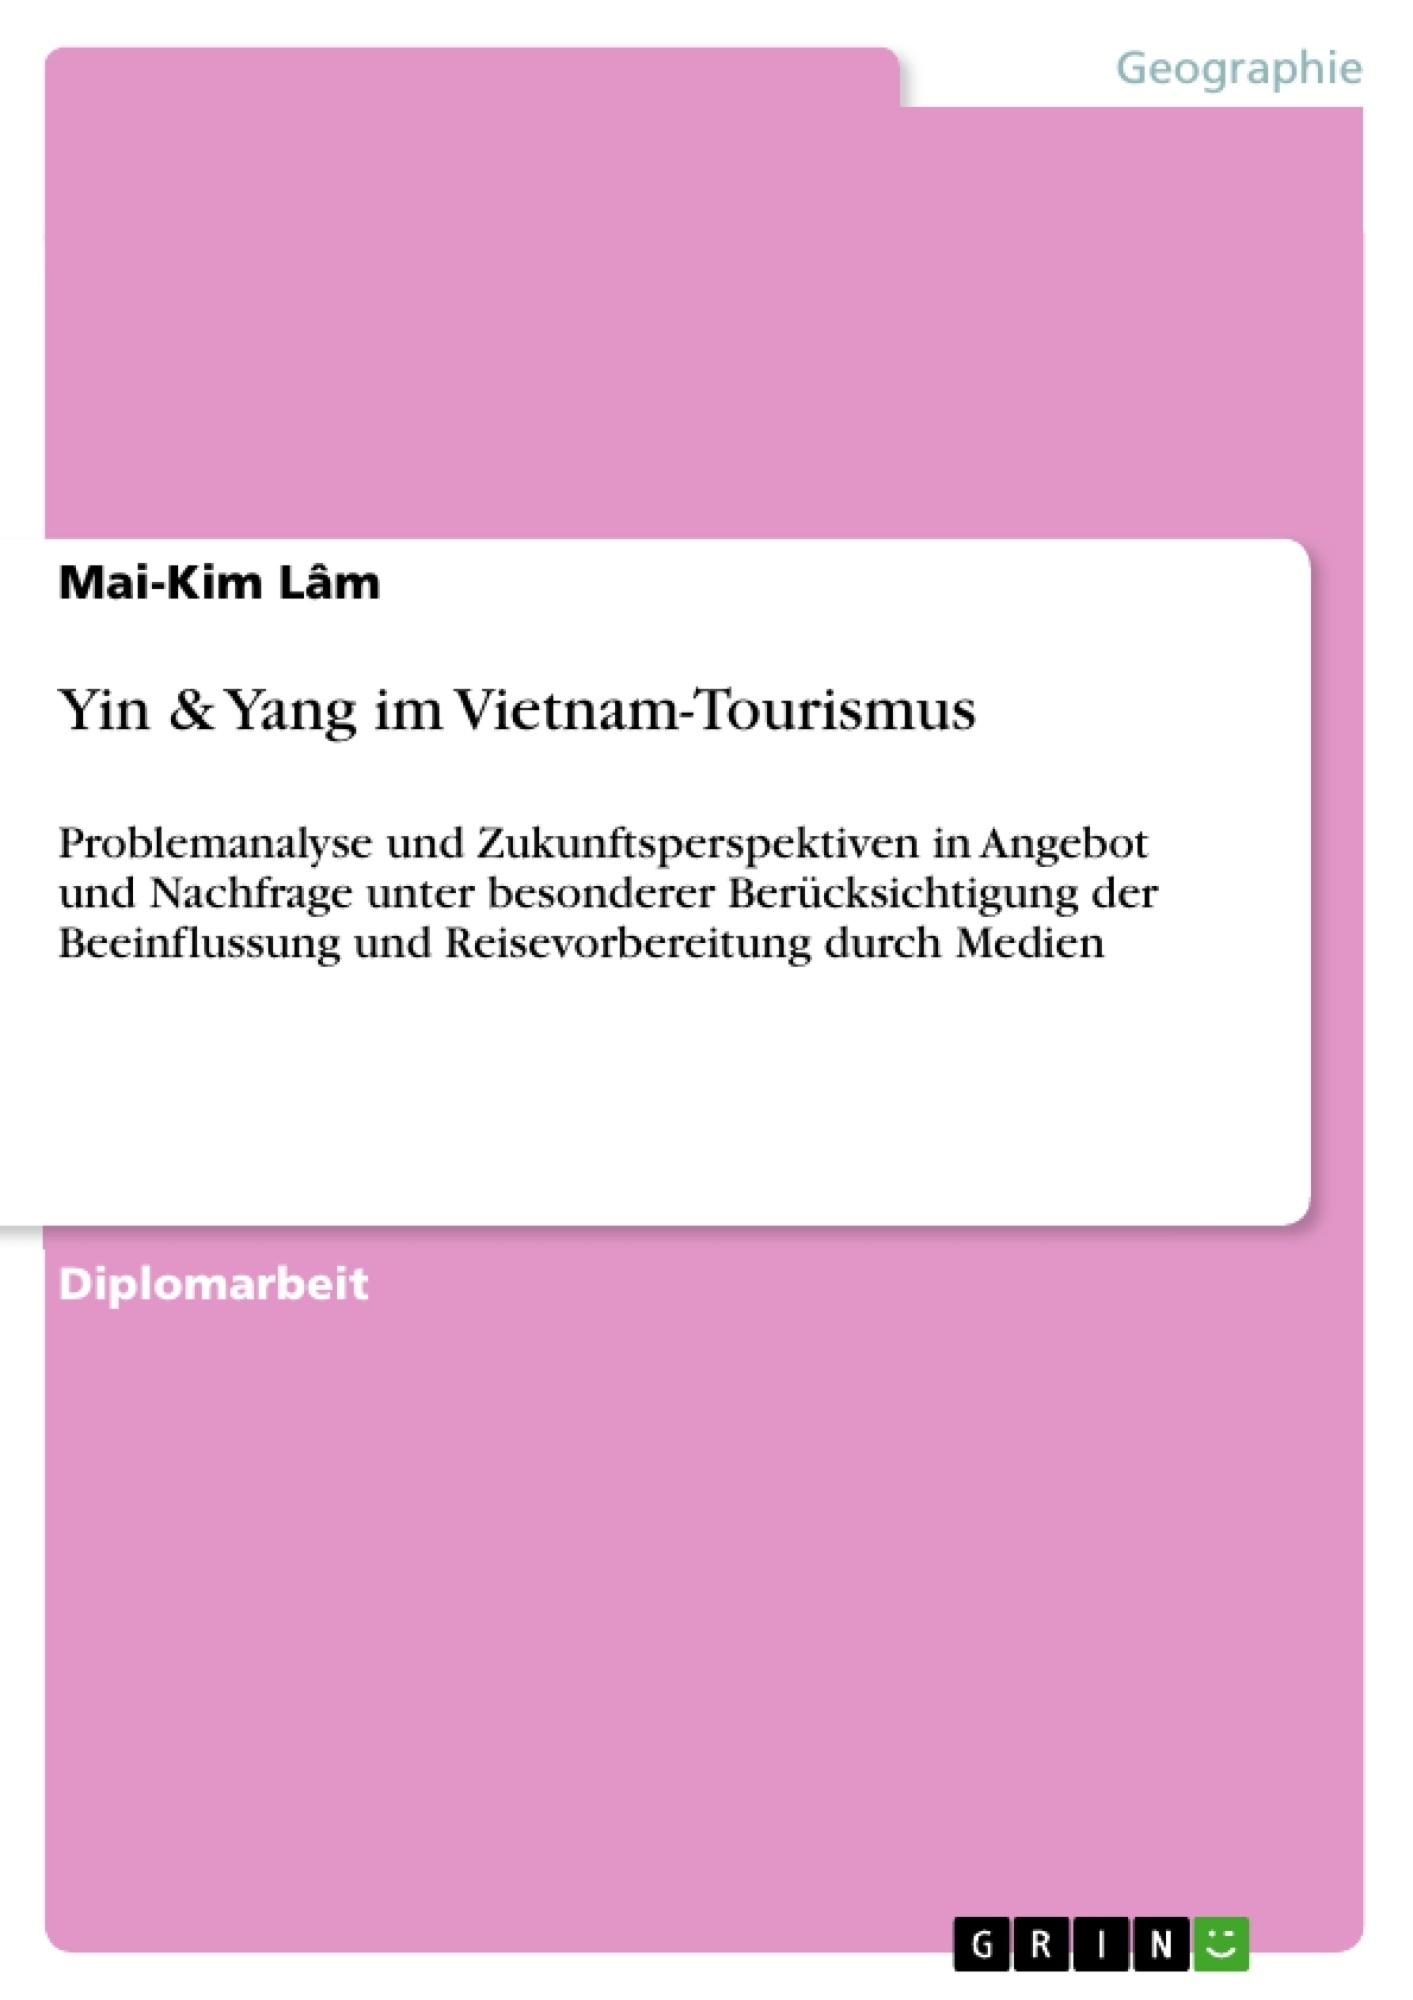 Titel: Yin & Yang im Vietnam-Tourismus